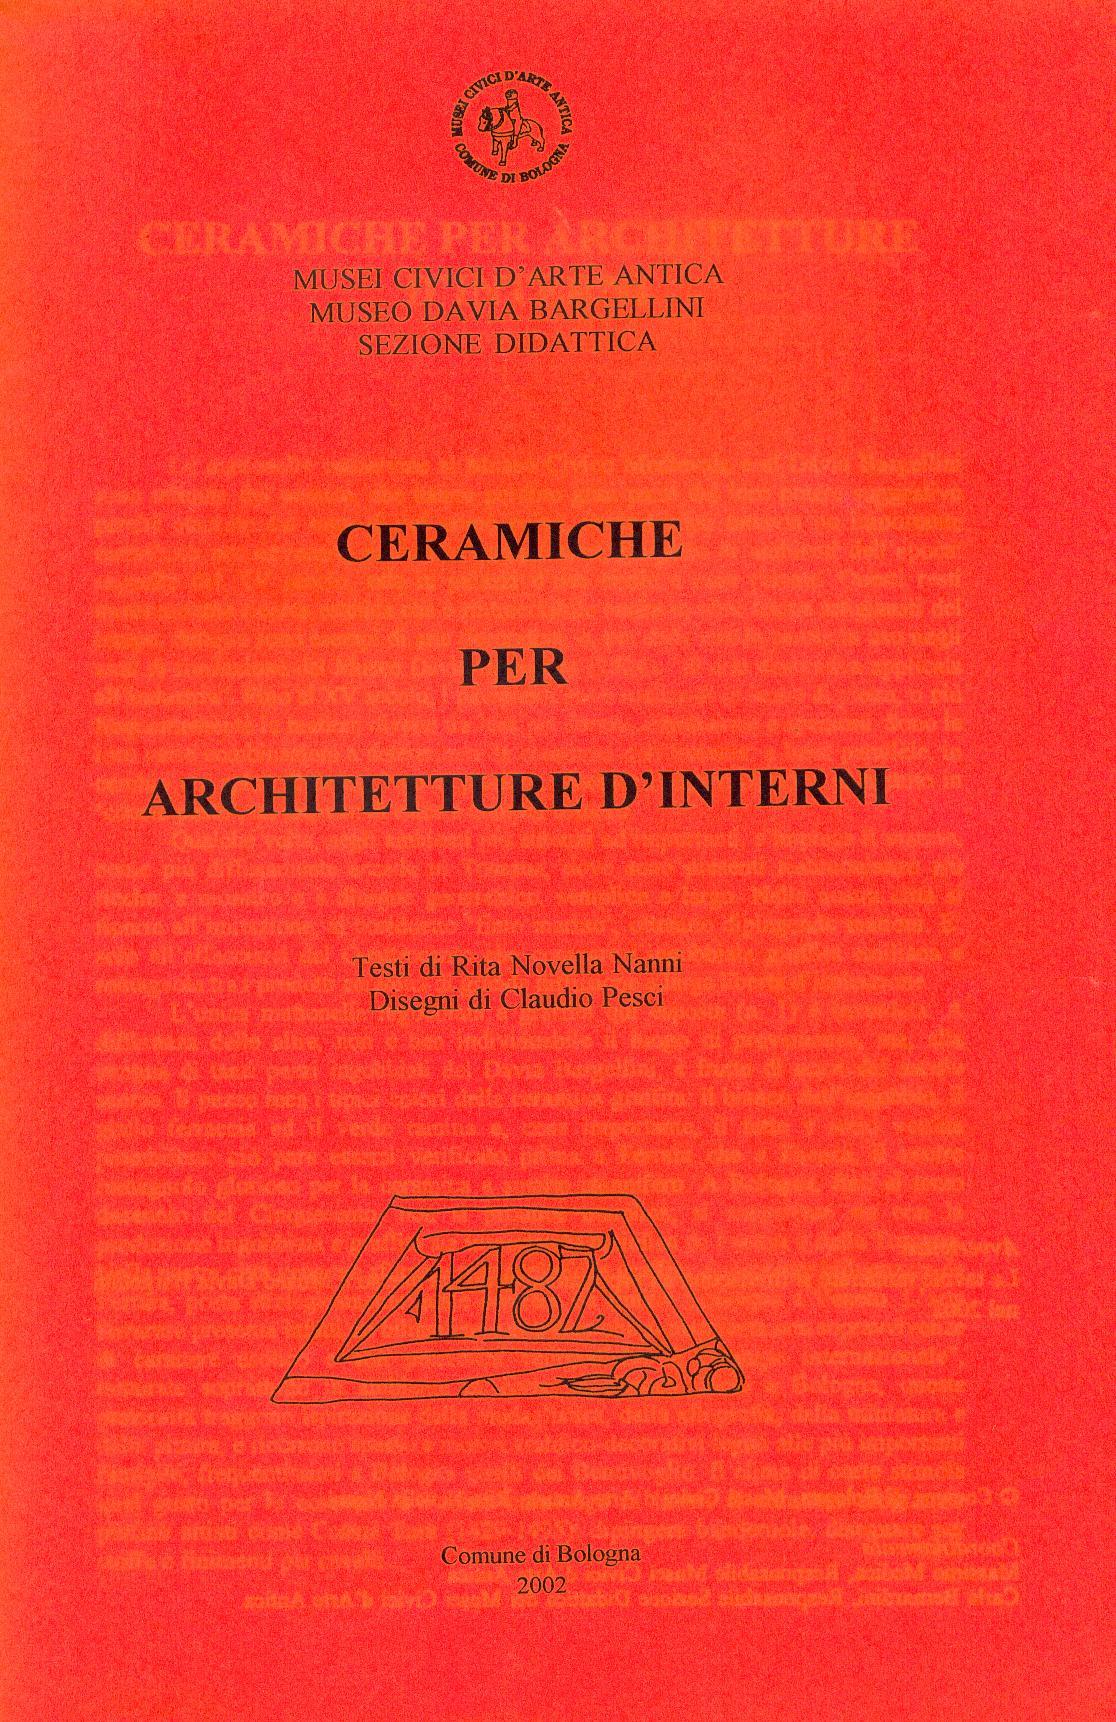 Ceramiche per architetture d'interni Bologna, 2002